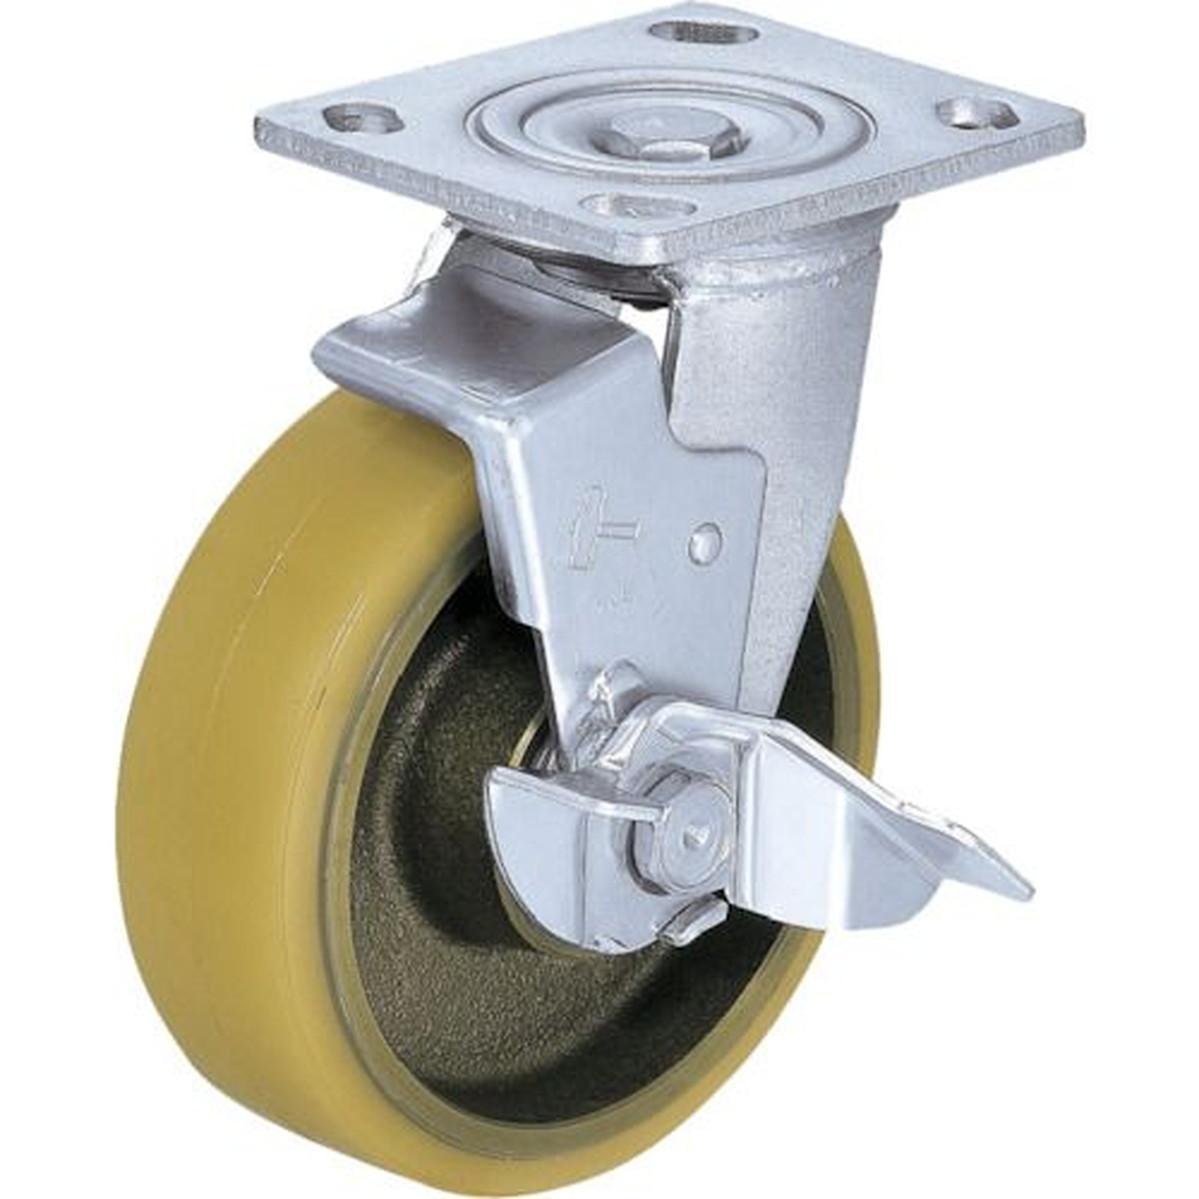 最高品質の ハンマー 重荷重用旋回式ウレタン車輪(イモノホイール SP付・ラジアルボールベアリング)150mm 1個 ハンマー SP付 1個, スワロフスキー通販 デコダリア:fe2ad9df --- bungsu.net